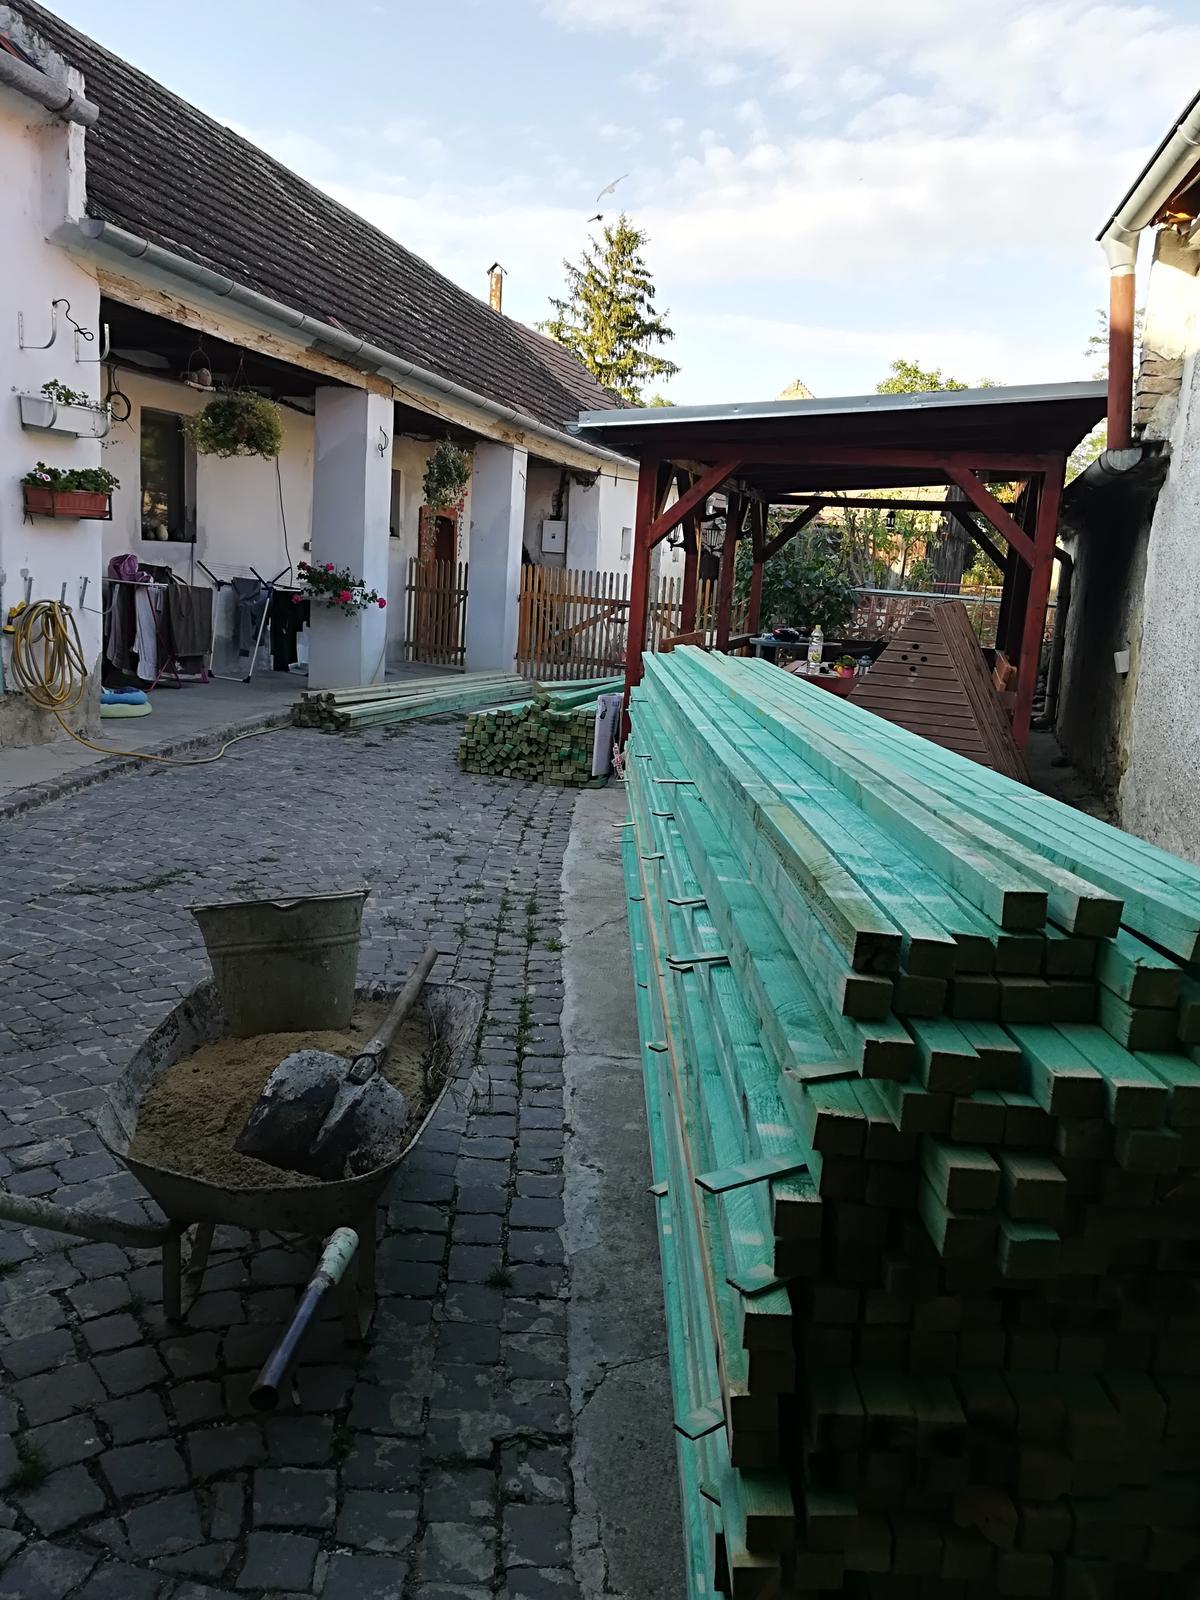 Už sa nám to začína, človek rieši strechu 4 mesiace a ani sa nenazda a už ma plný dvor dreva, pred domom veľký kontajner, začíname zajtra, držte palce:)) - Obrázok č. 1